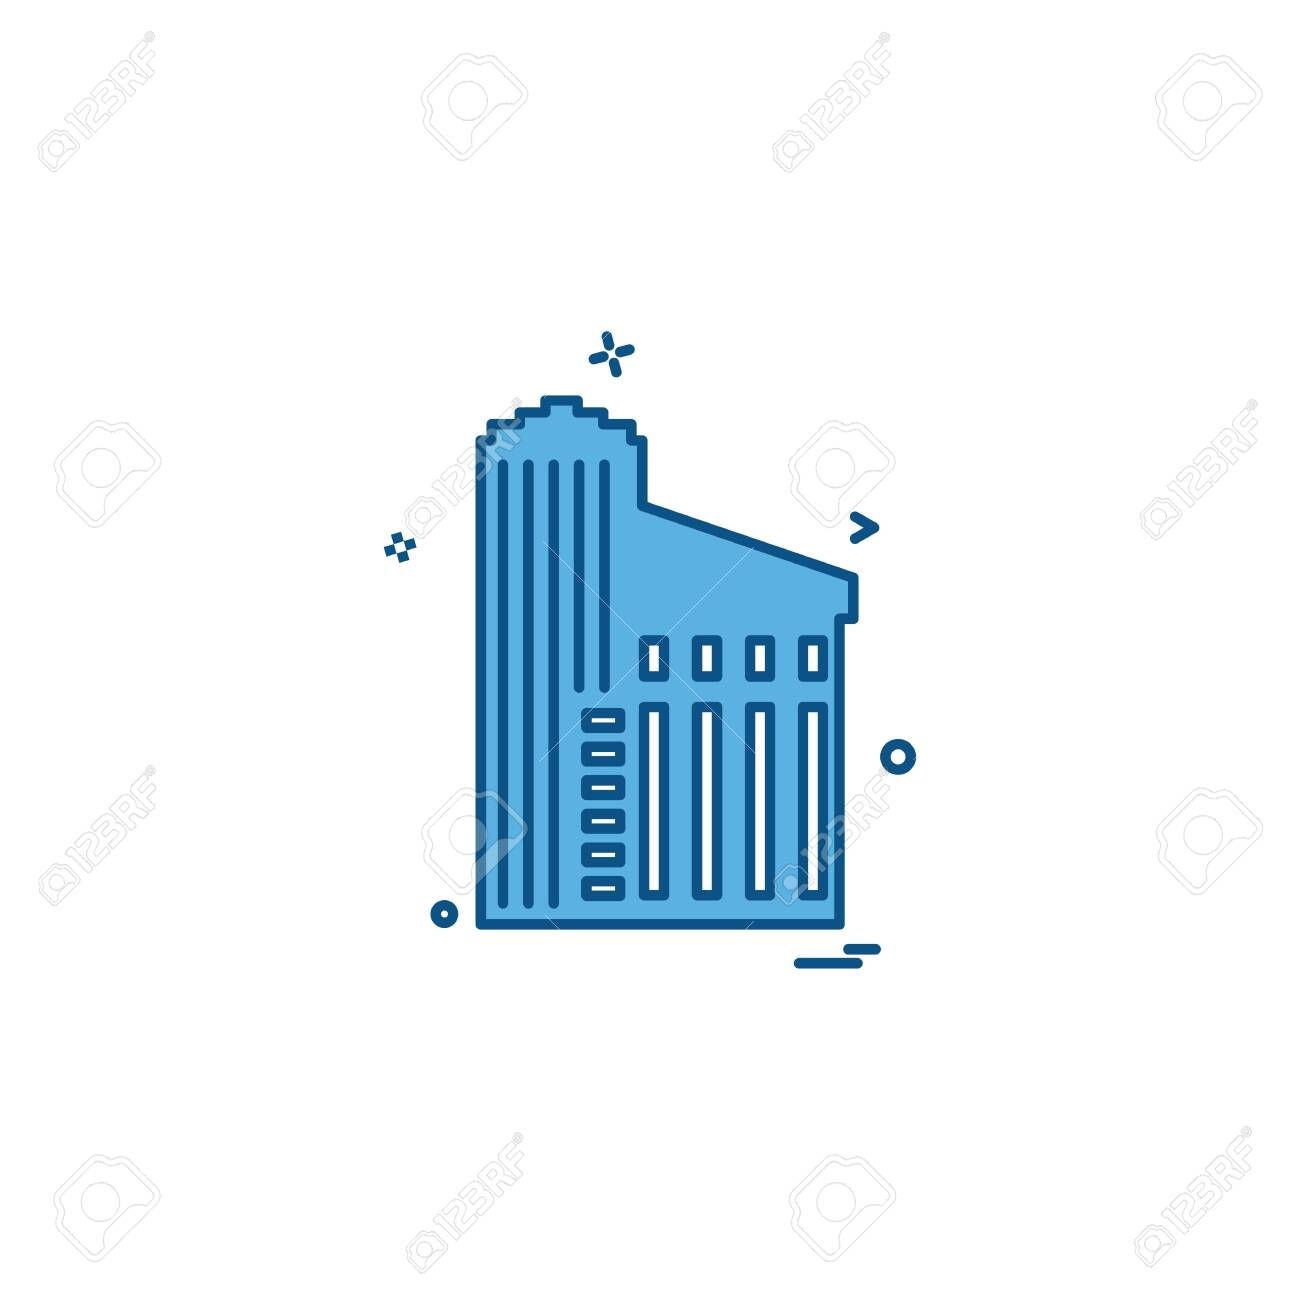 Building icon design vector - 122160323